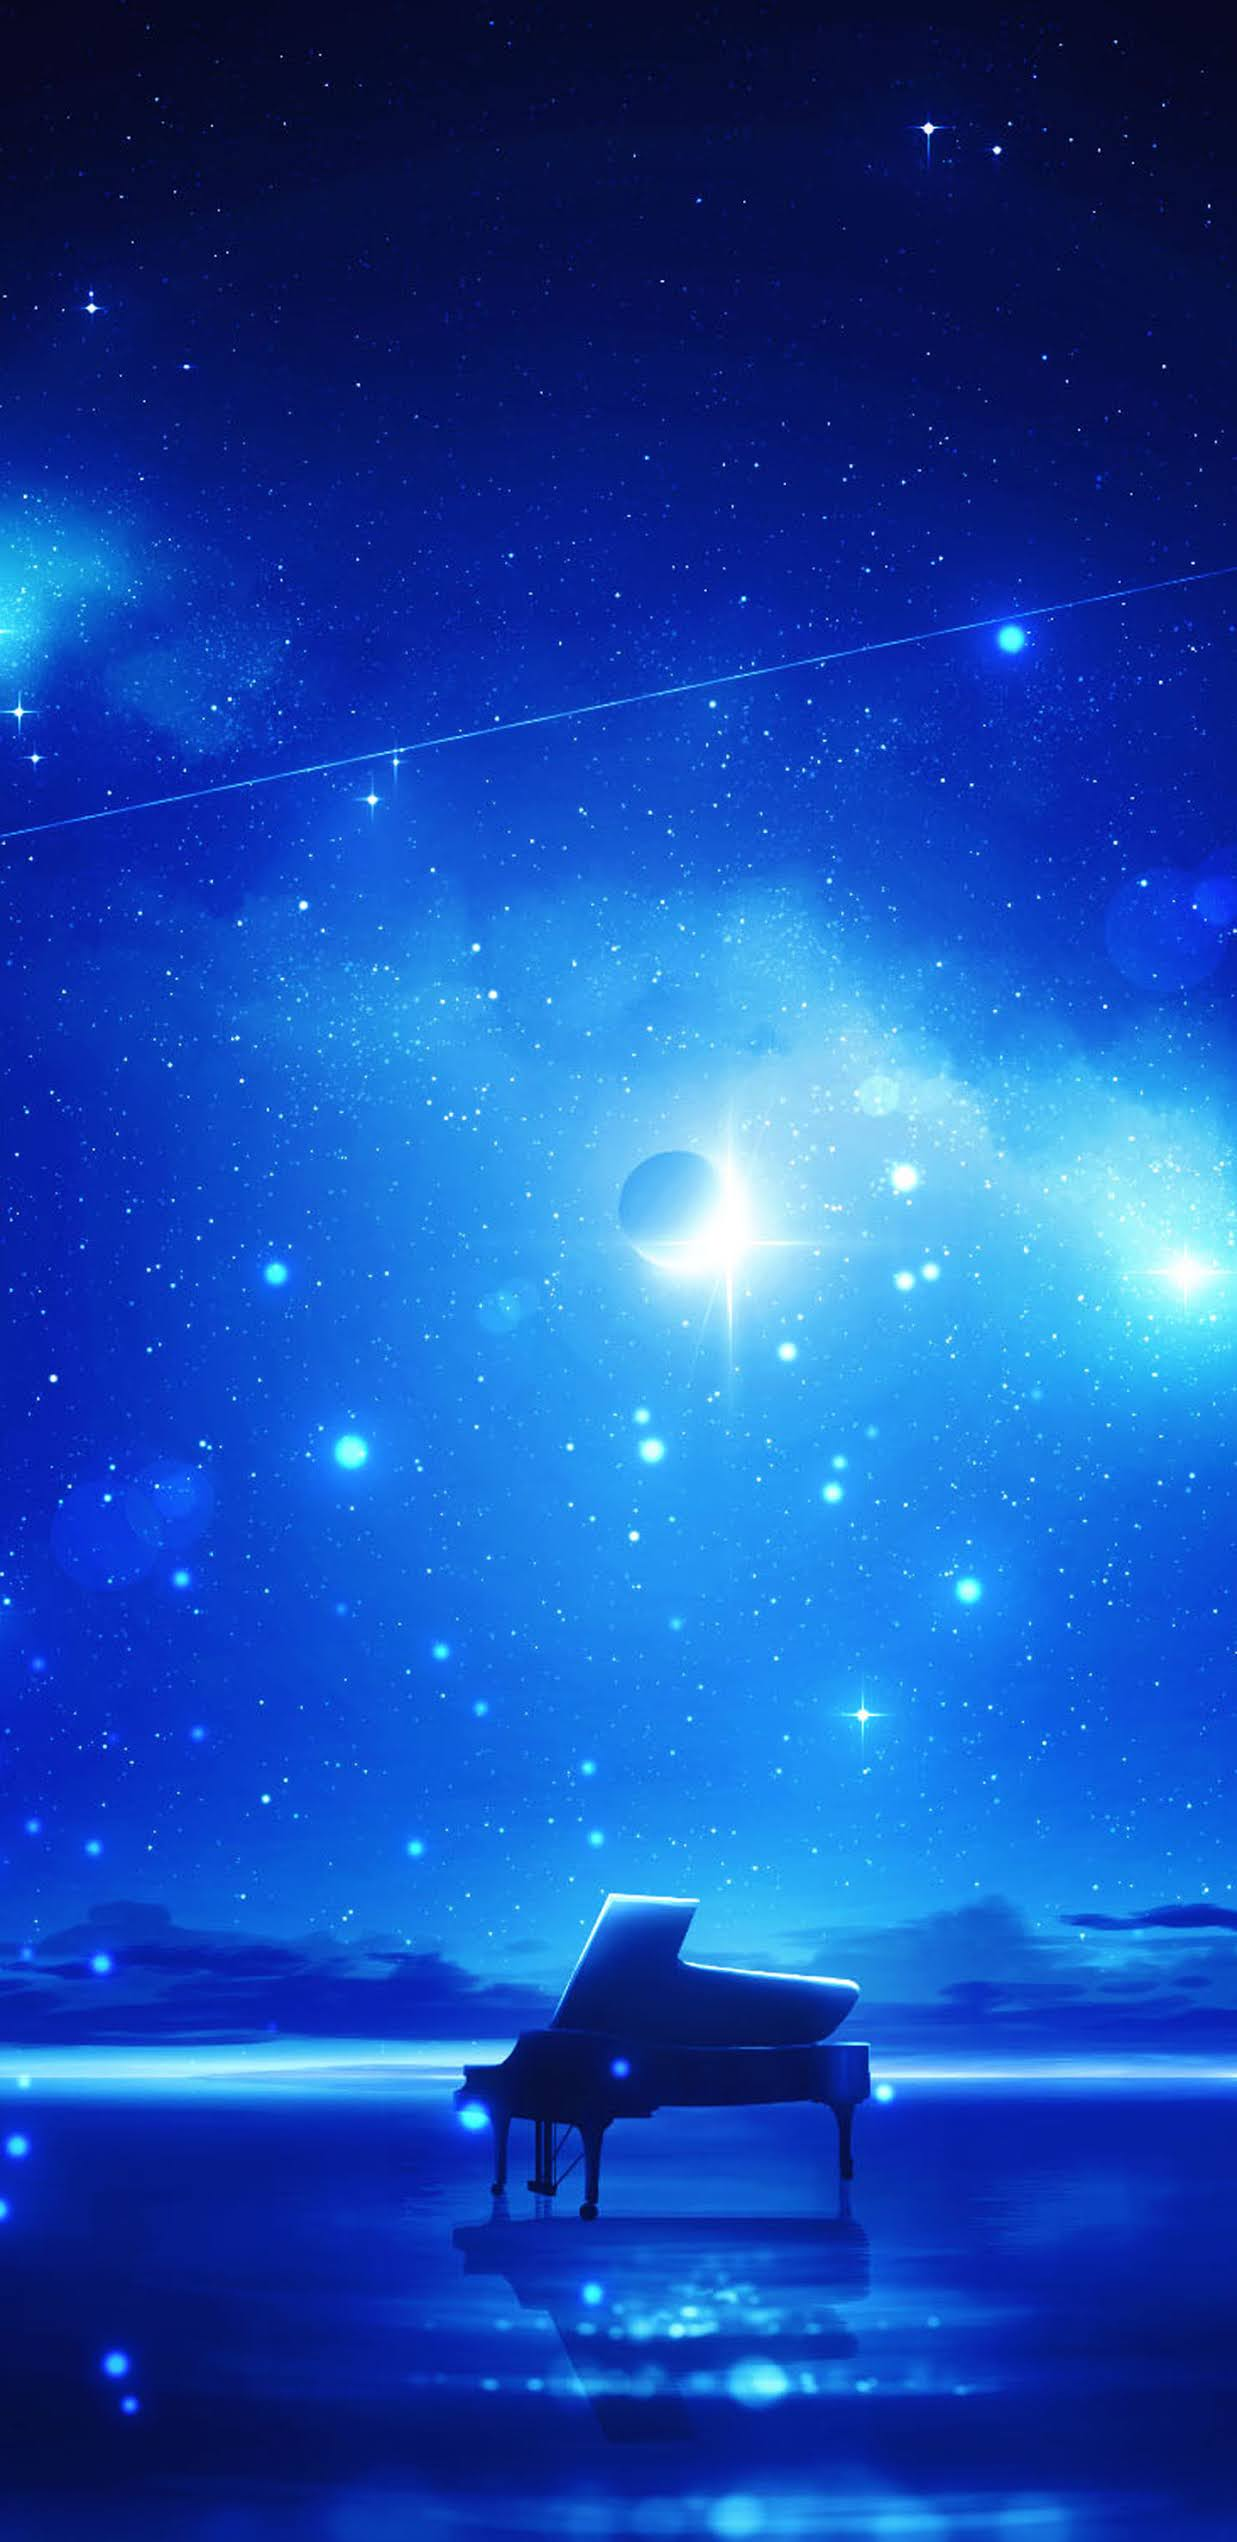 Nguyệt thực giữa màn đêm đầy sao